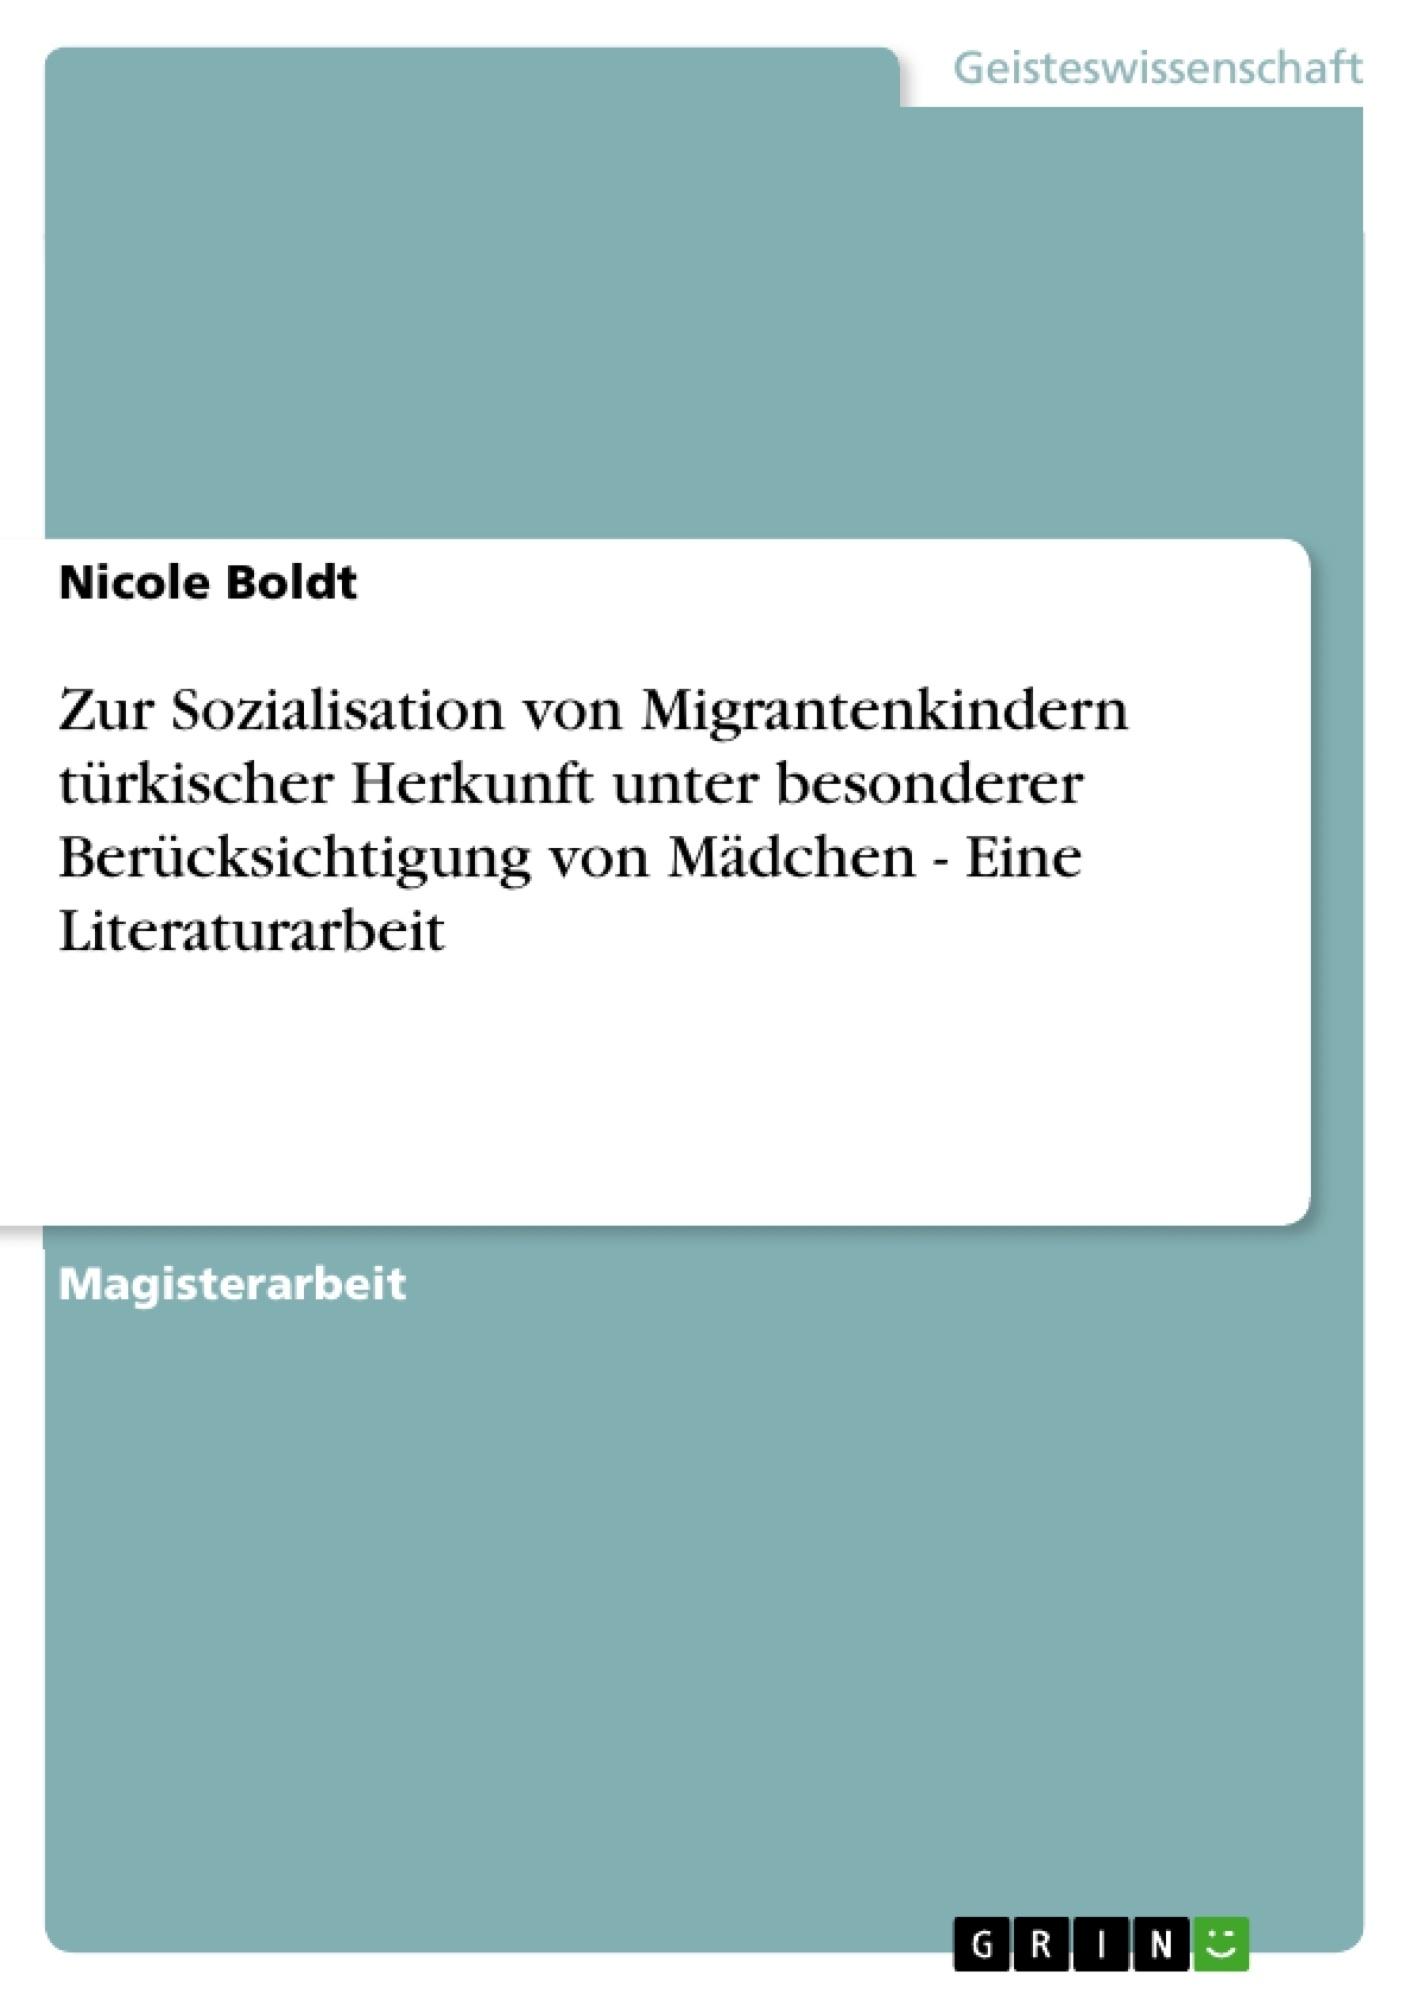 Titel: Zur Sozialisation von Migrantenkindern türkischer Herkunft unter besonderer Berücksichtigung von Mädchen - Eine Literaturarbeit